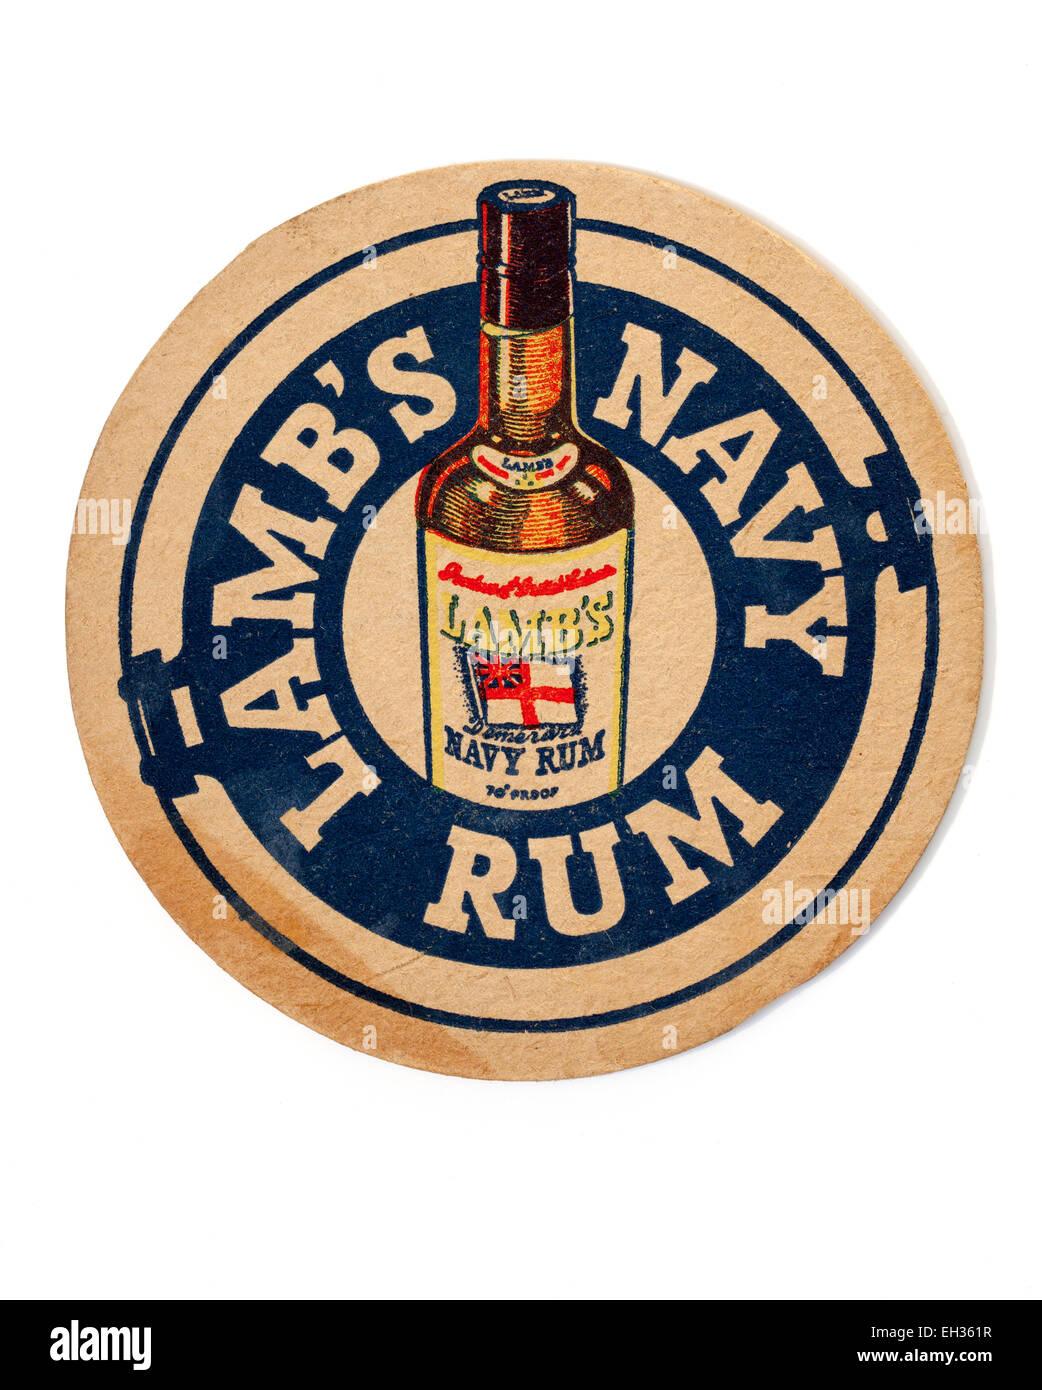 Vintage Beermat Advertising Lambs Navy Rum Stock Photo